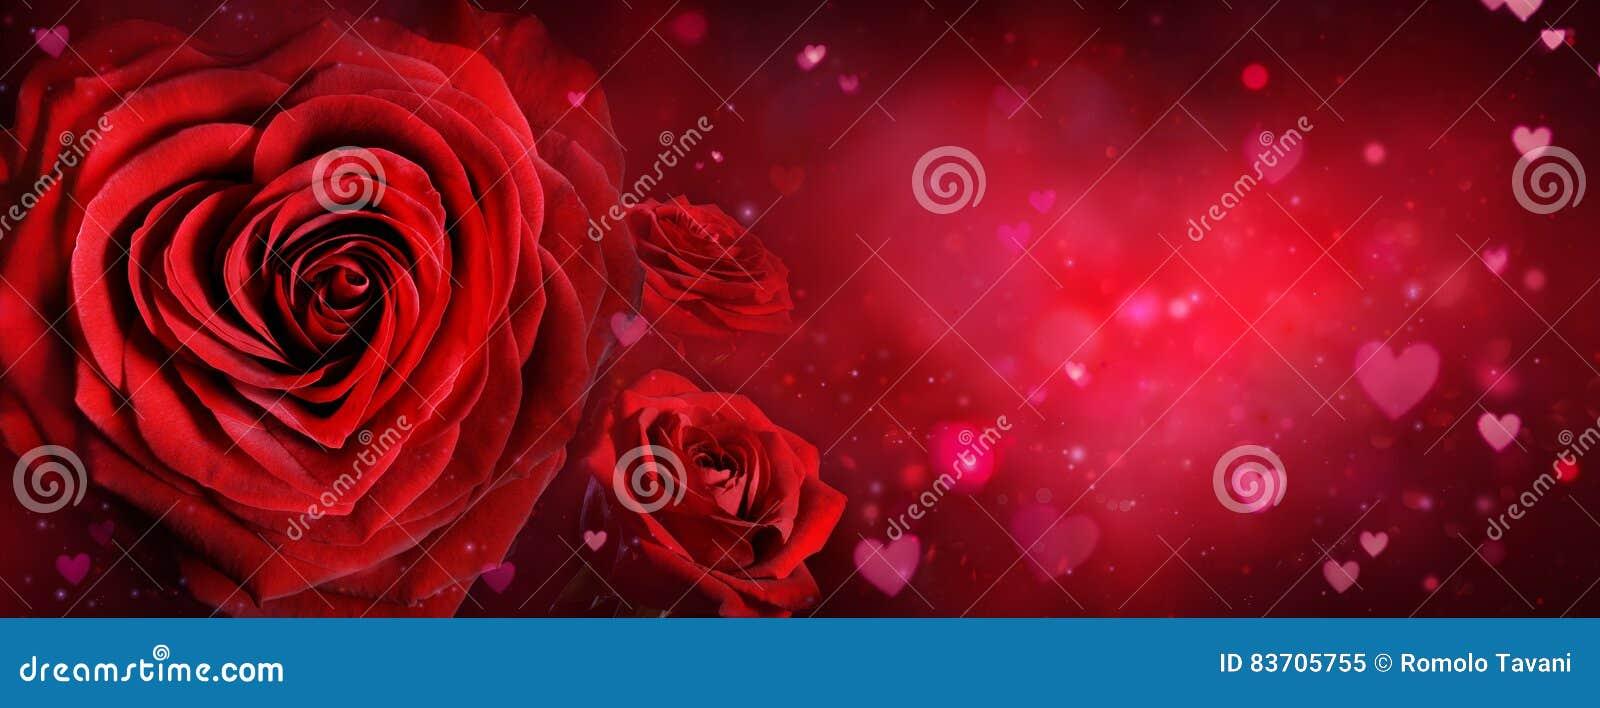 Valentine Card - Rosen und Herzen